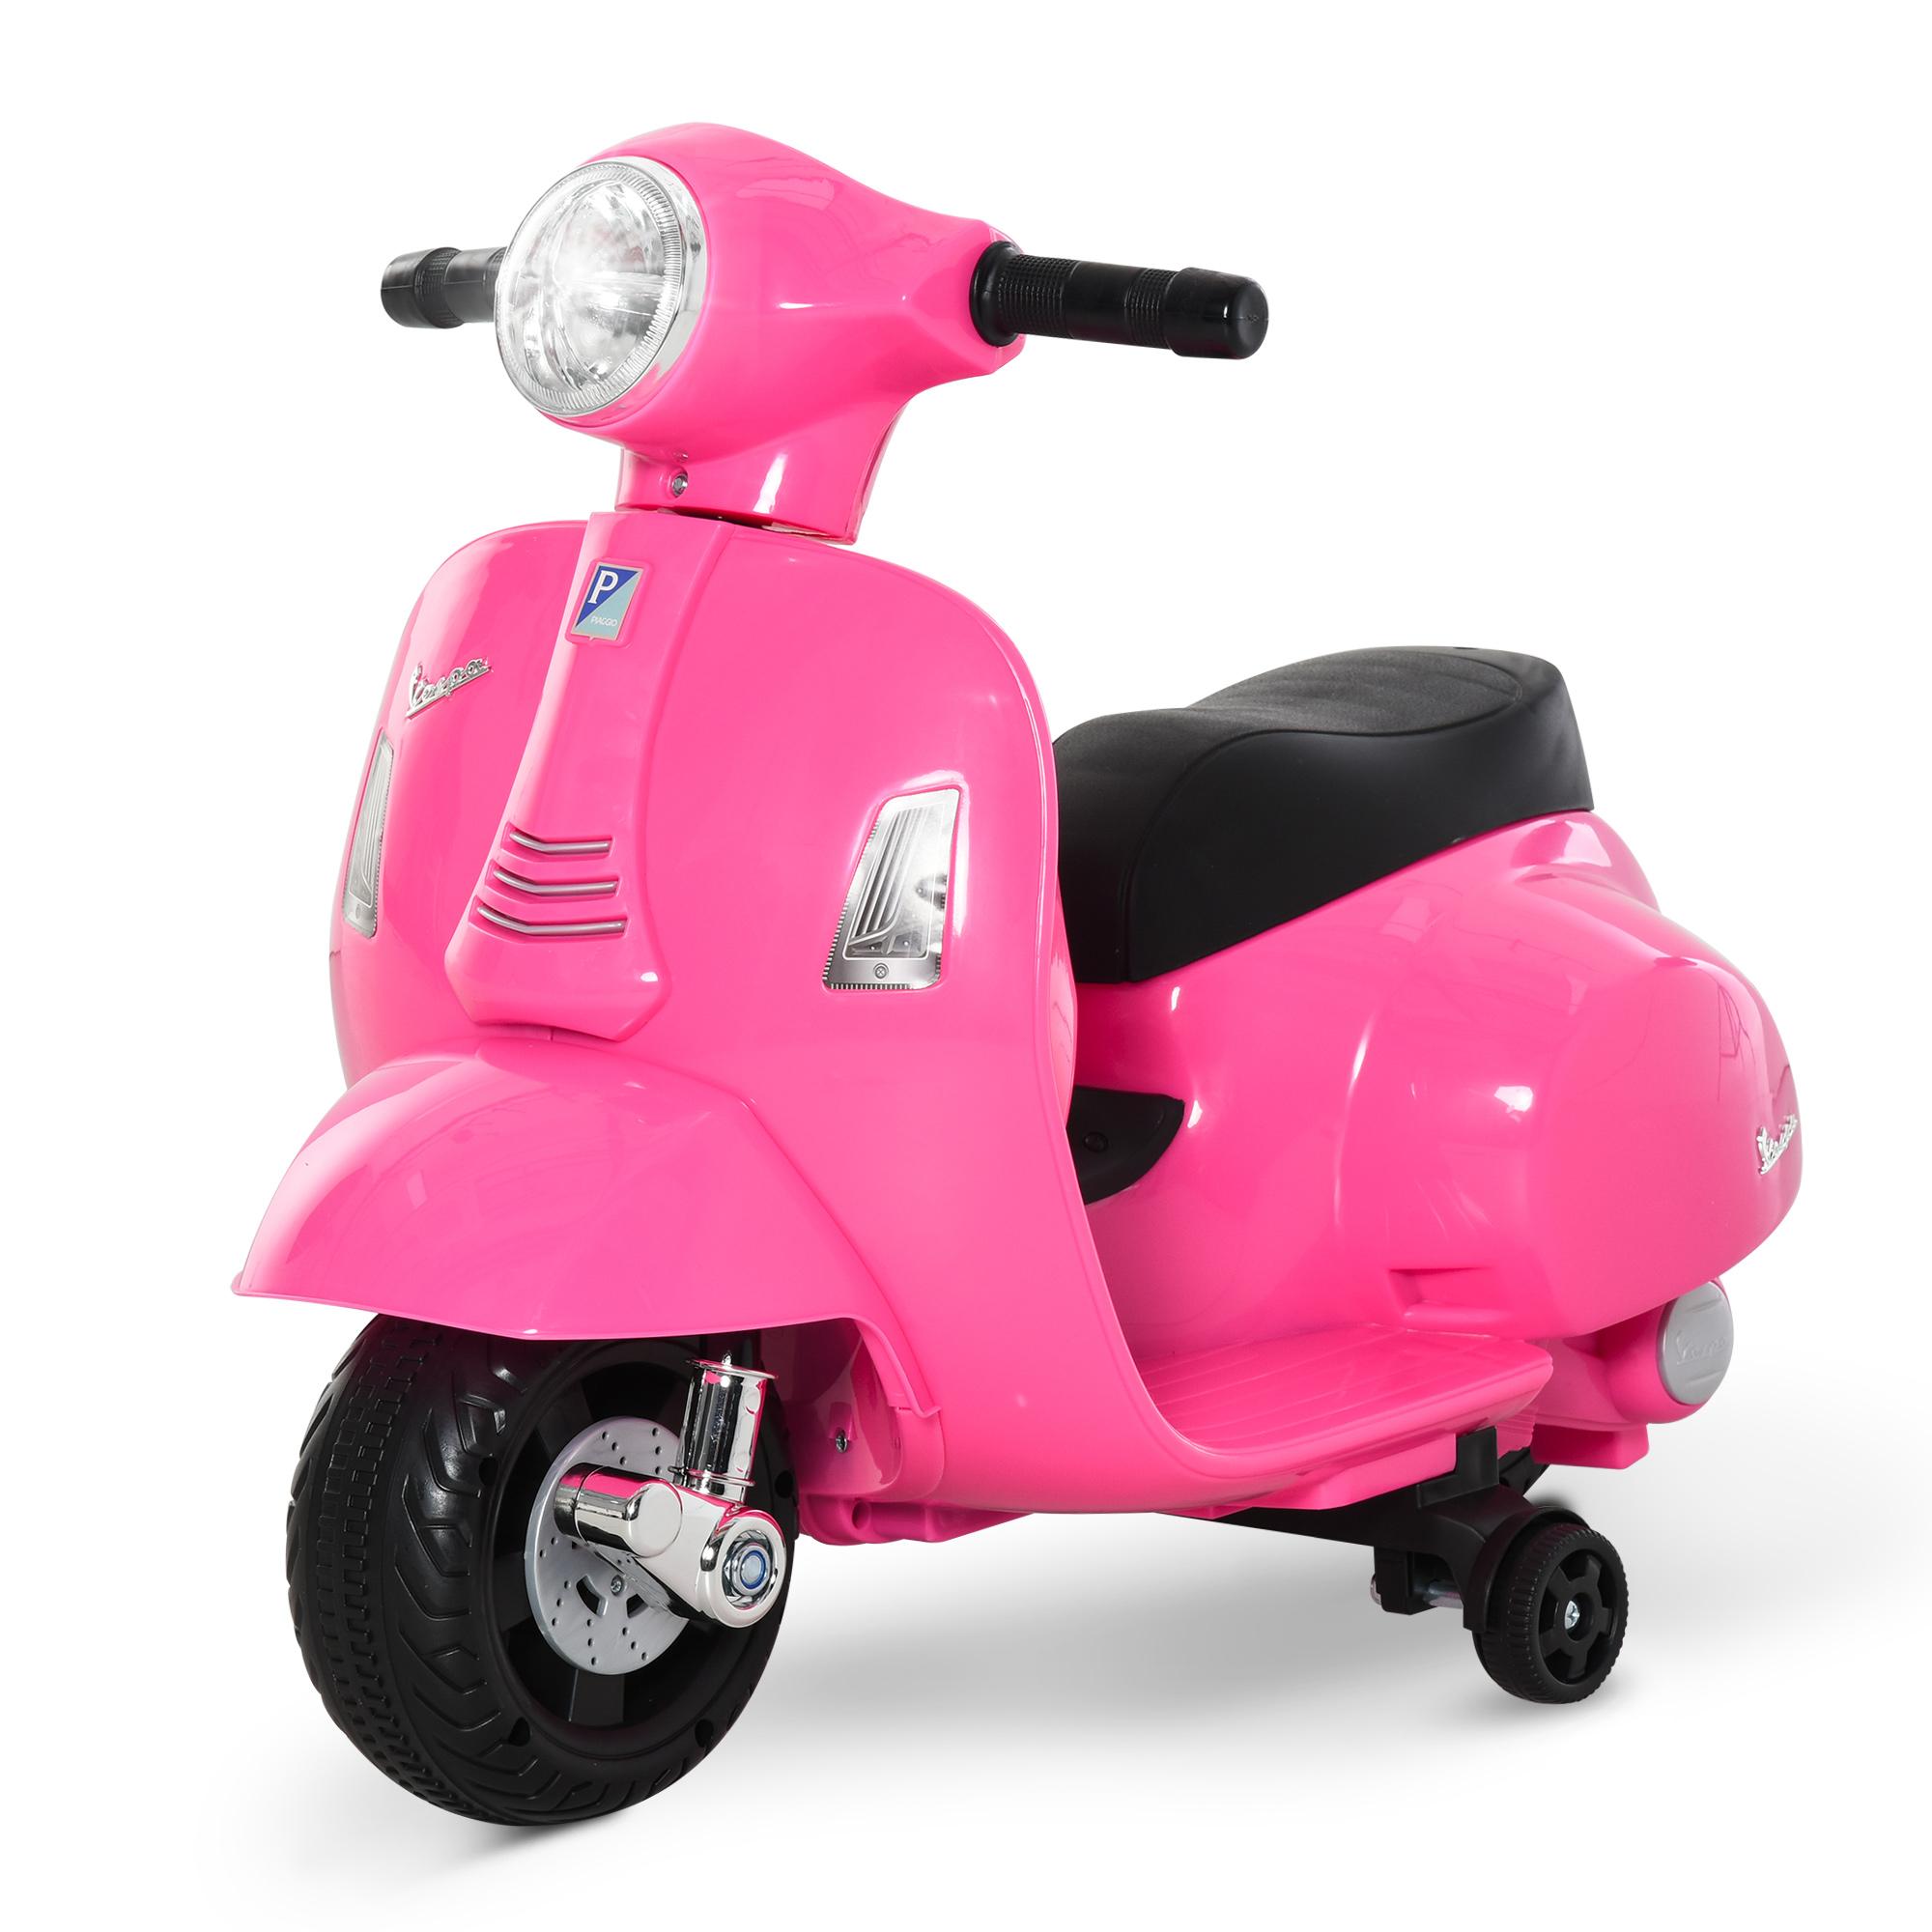 miniatura 9 - Moto Eléctrica Vespa para Niños +18 Meses con Faro Bocina y 4 Ruedas COLOR